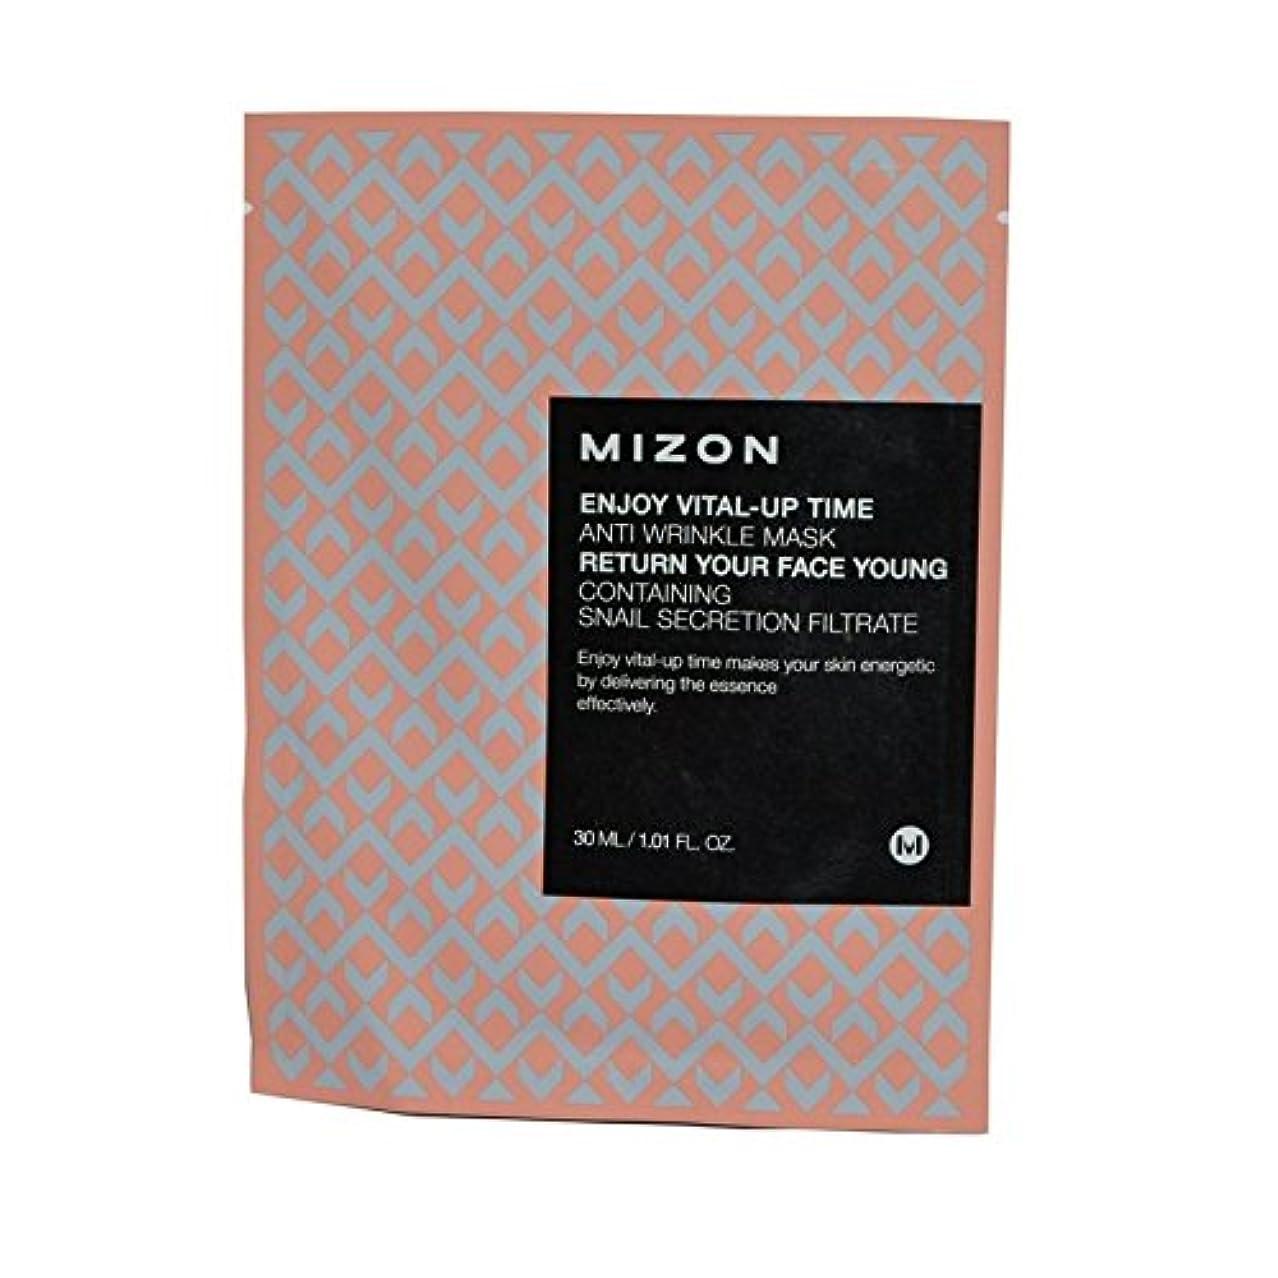 生き物子供時代水陸両用が不可欠アップ時間抗しわマスクを楽しみます x2 - Mizon Enjoy Vital Up Time Anti-Wrinkle Mask (Pack of 2) [並行輸入品]